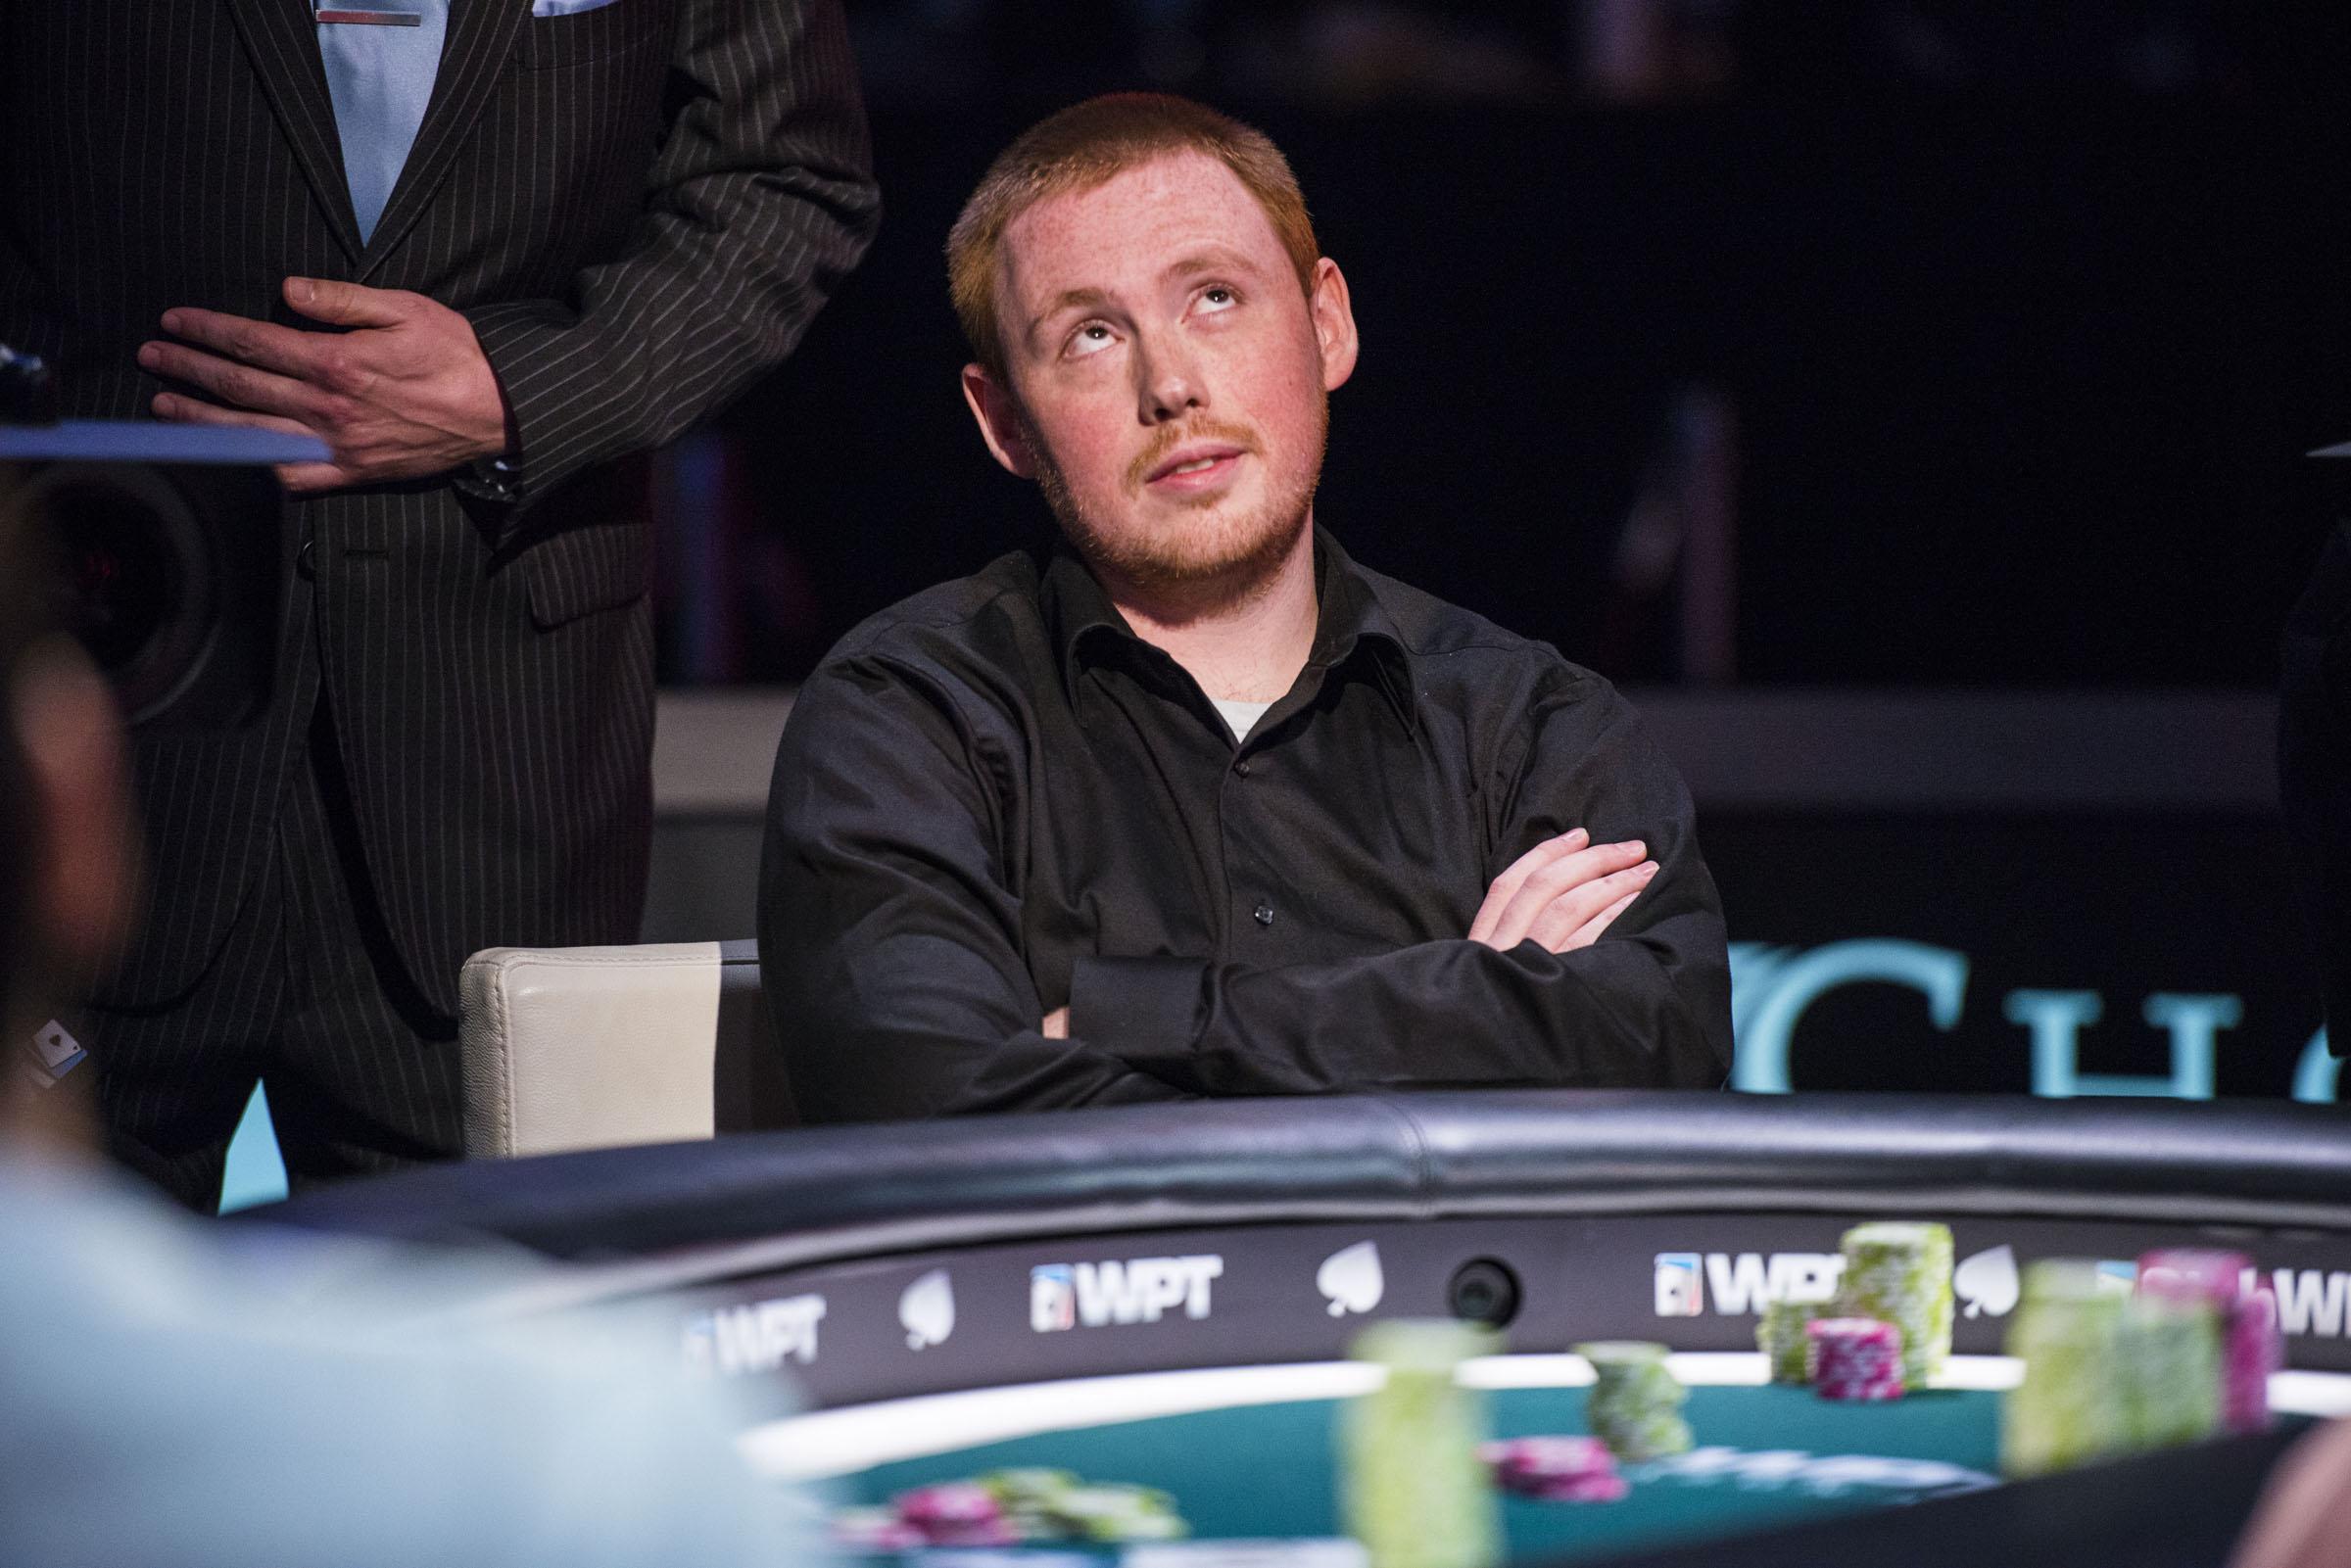 James mackey online poker the buffet aria resort and casino